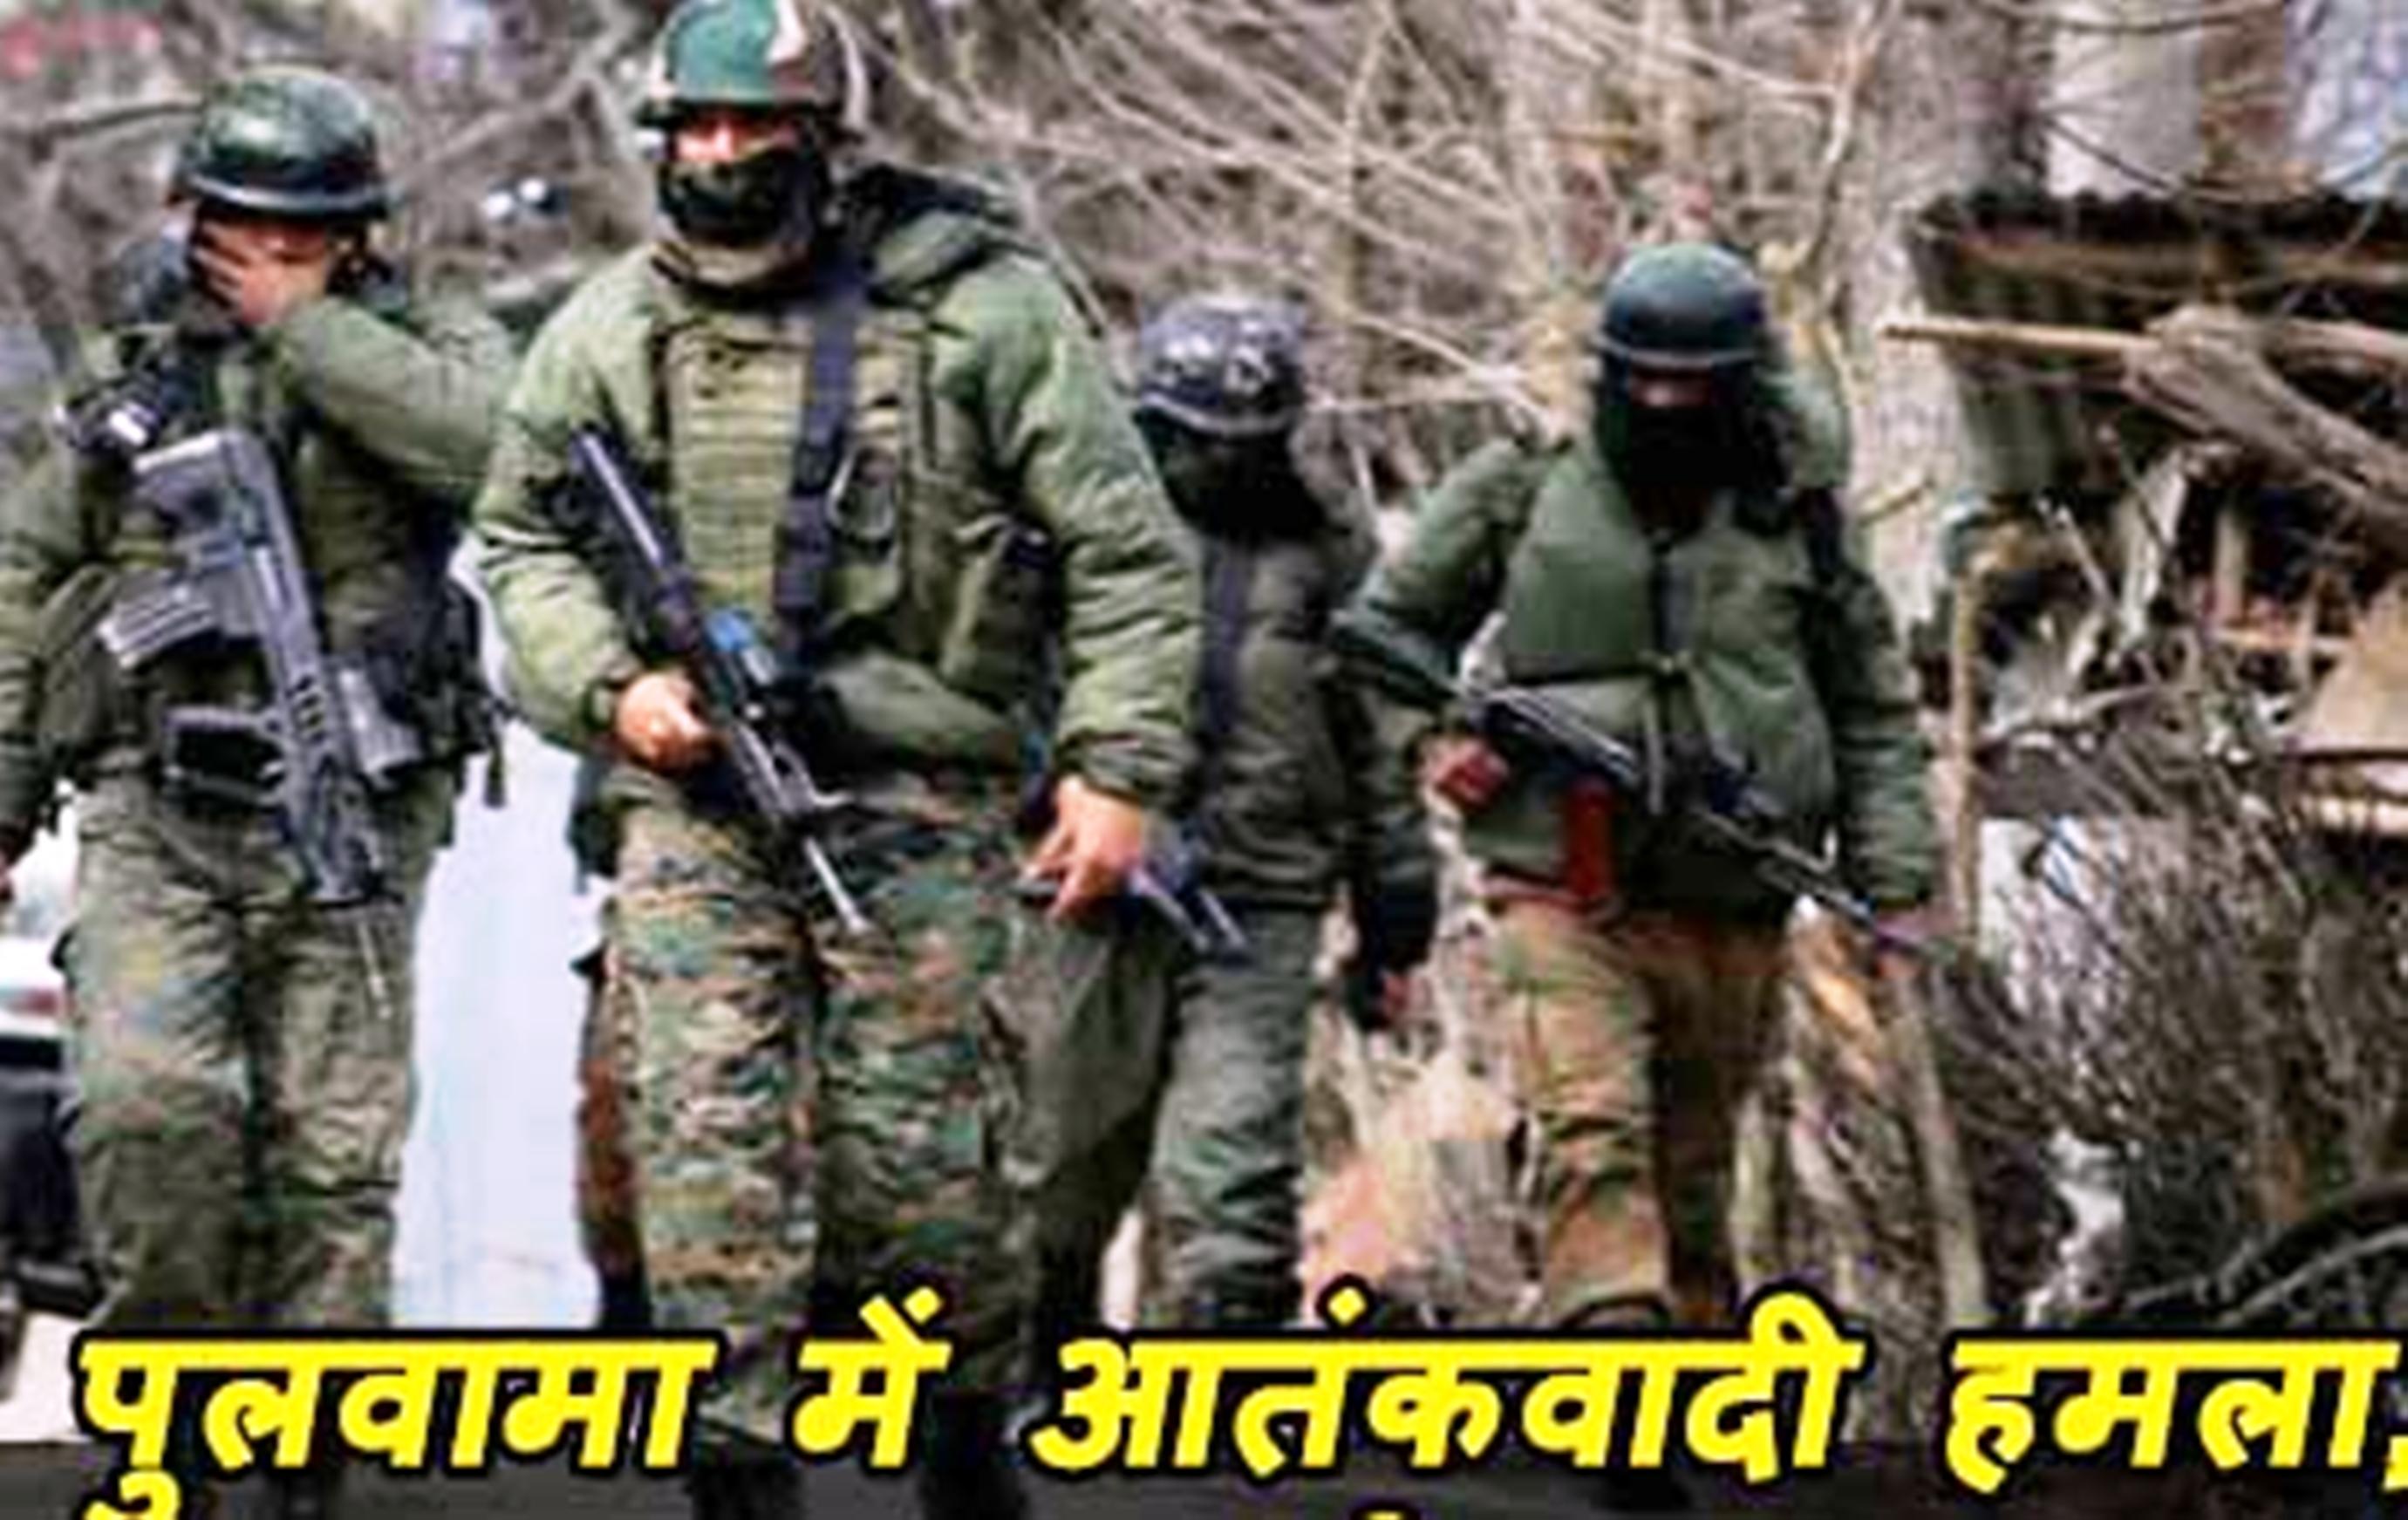 आंतकी हमले पर मंत्री का फूटा गुस्सा, कायरों को घर में घुसकर मारेगी सेना